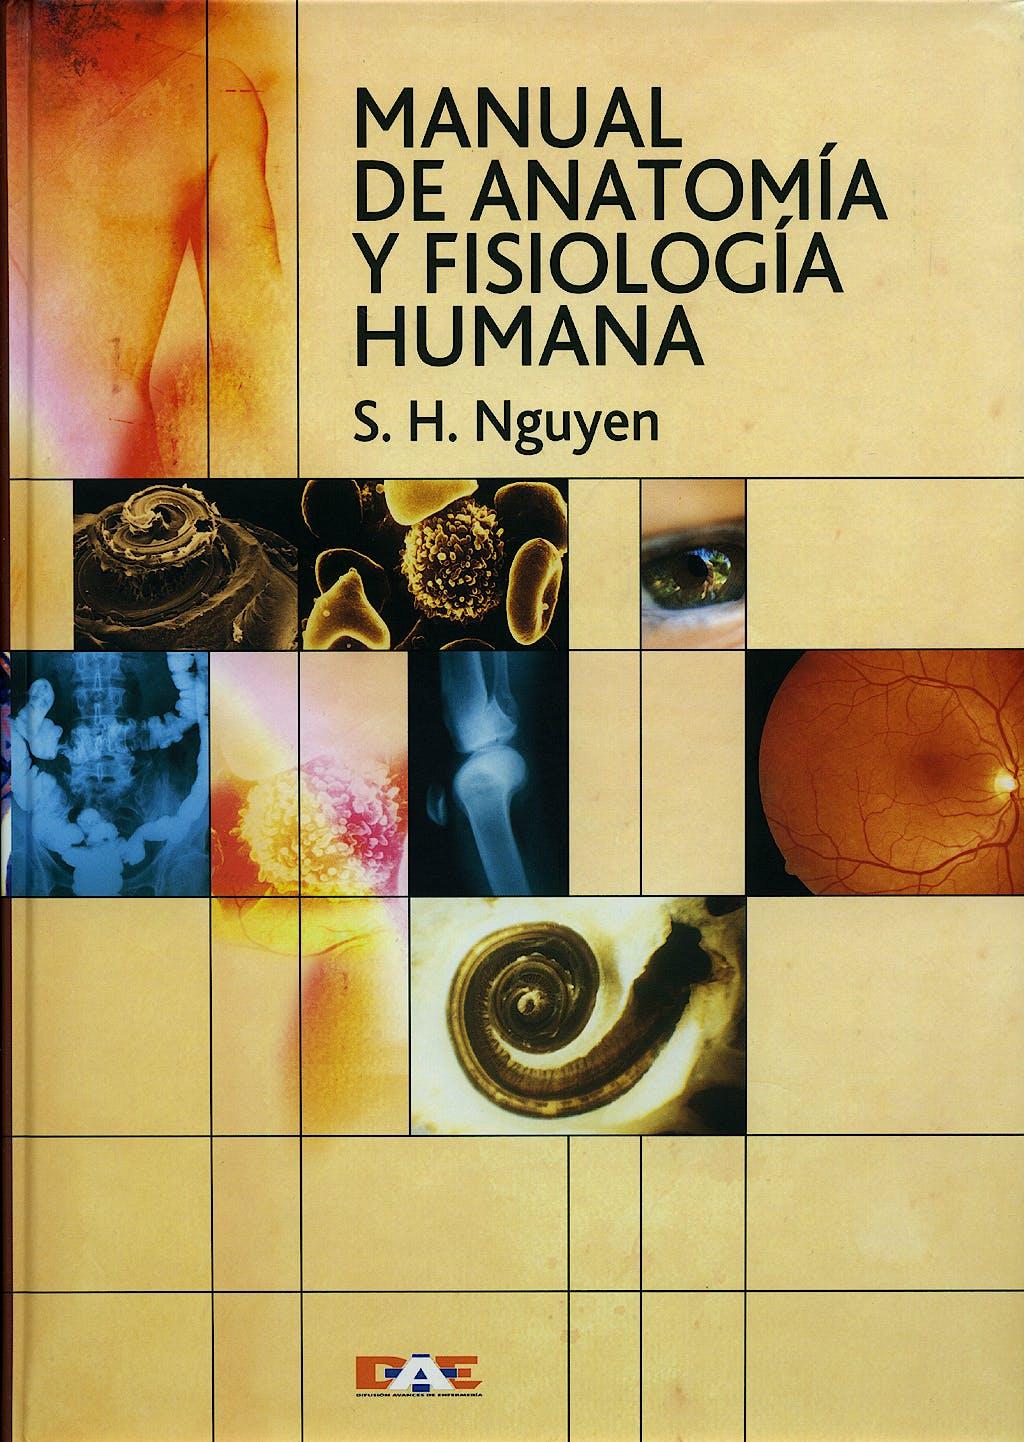 Producto: Manual de Anatomia y Fisiologia Humana + Anatomia y ...